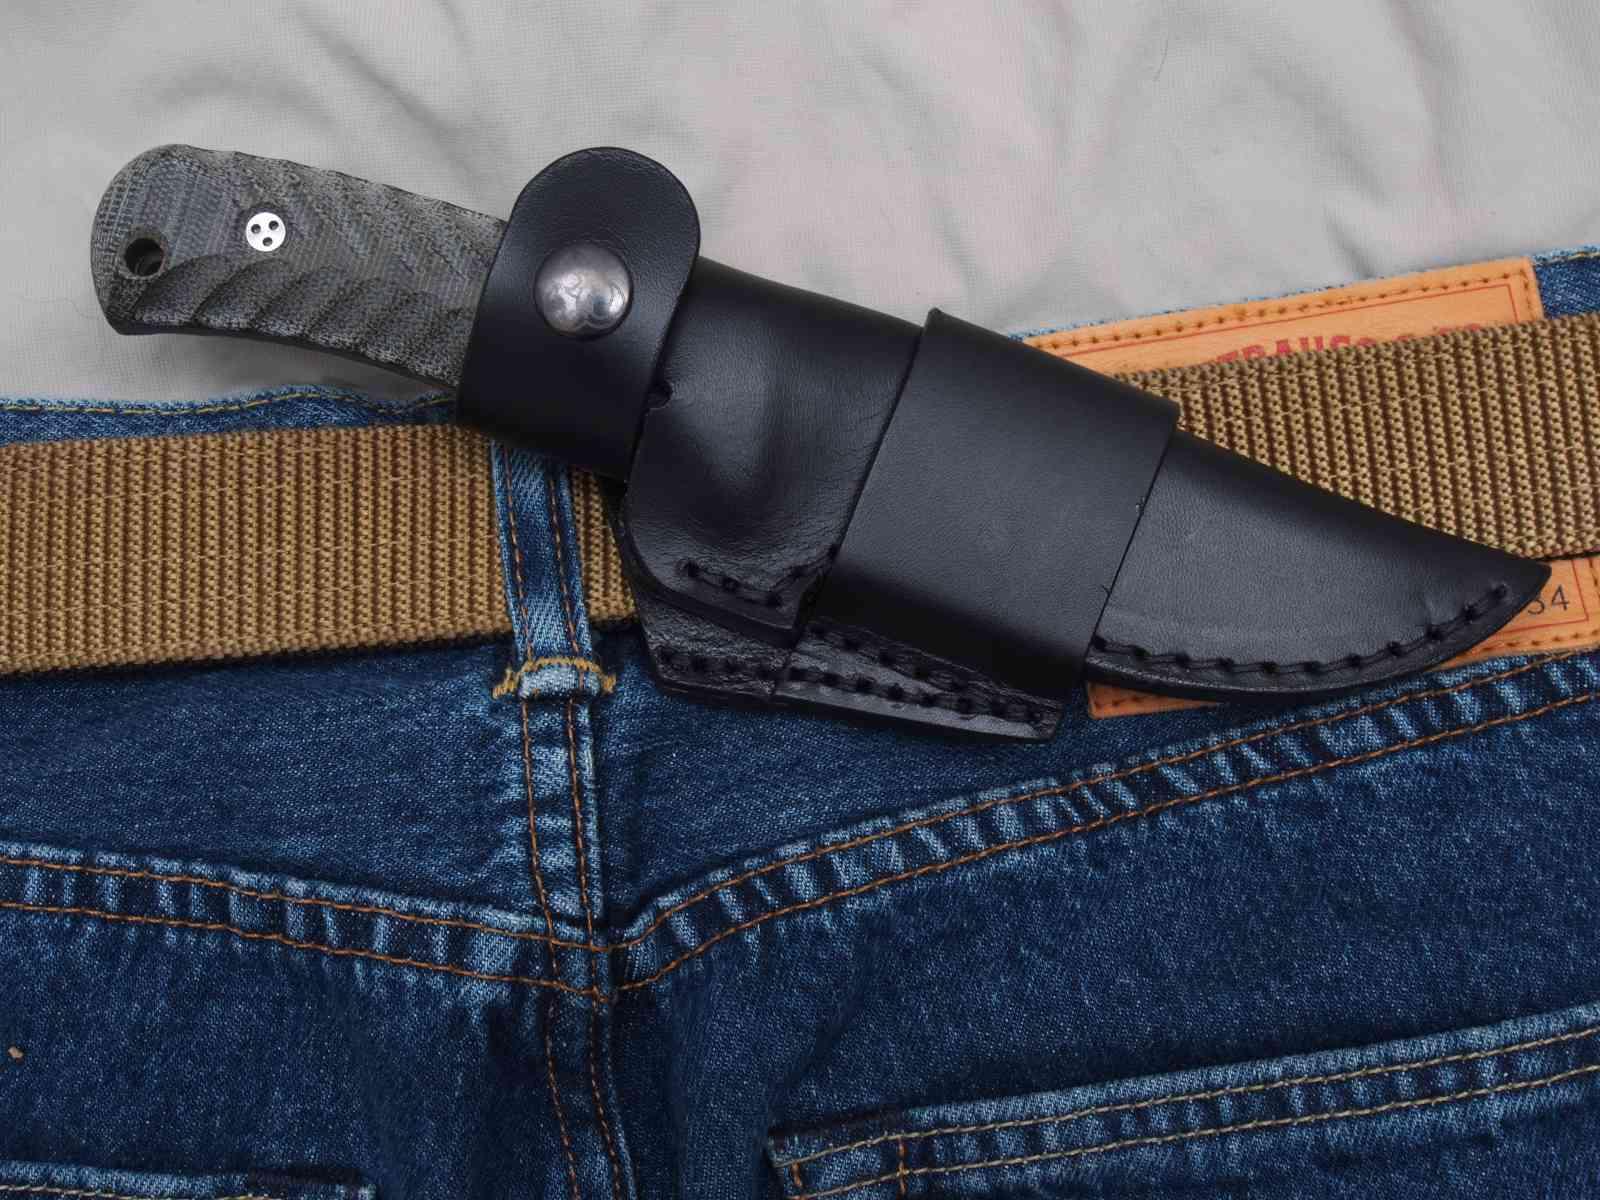 Kompakt im Alltag: Messerkönig MK10 Scout-Carry